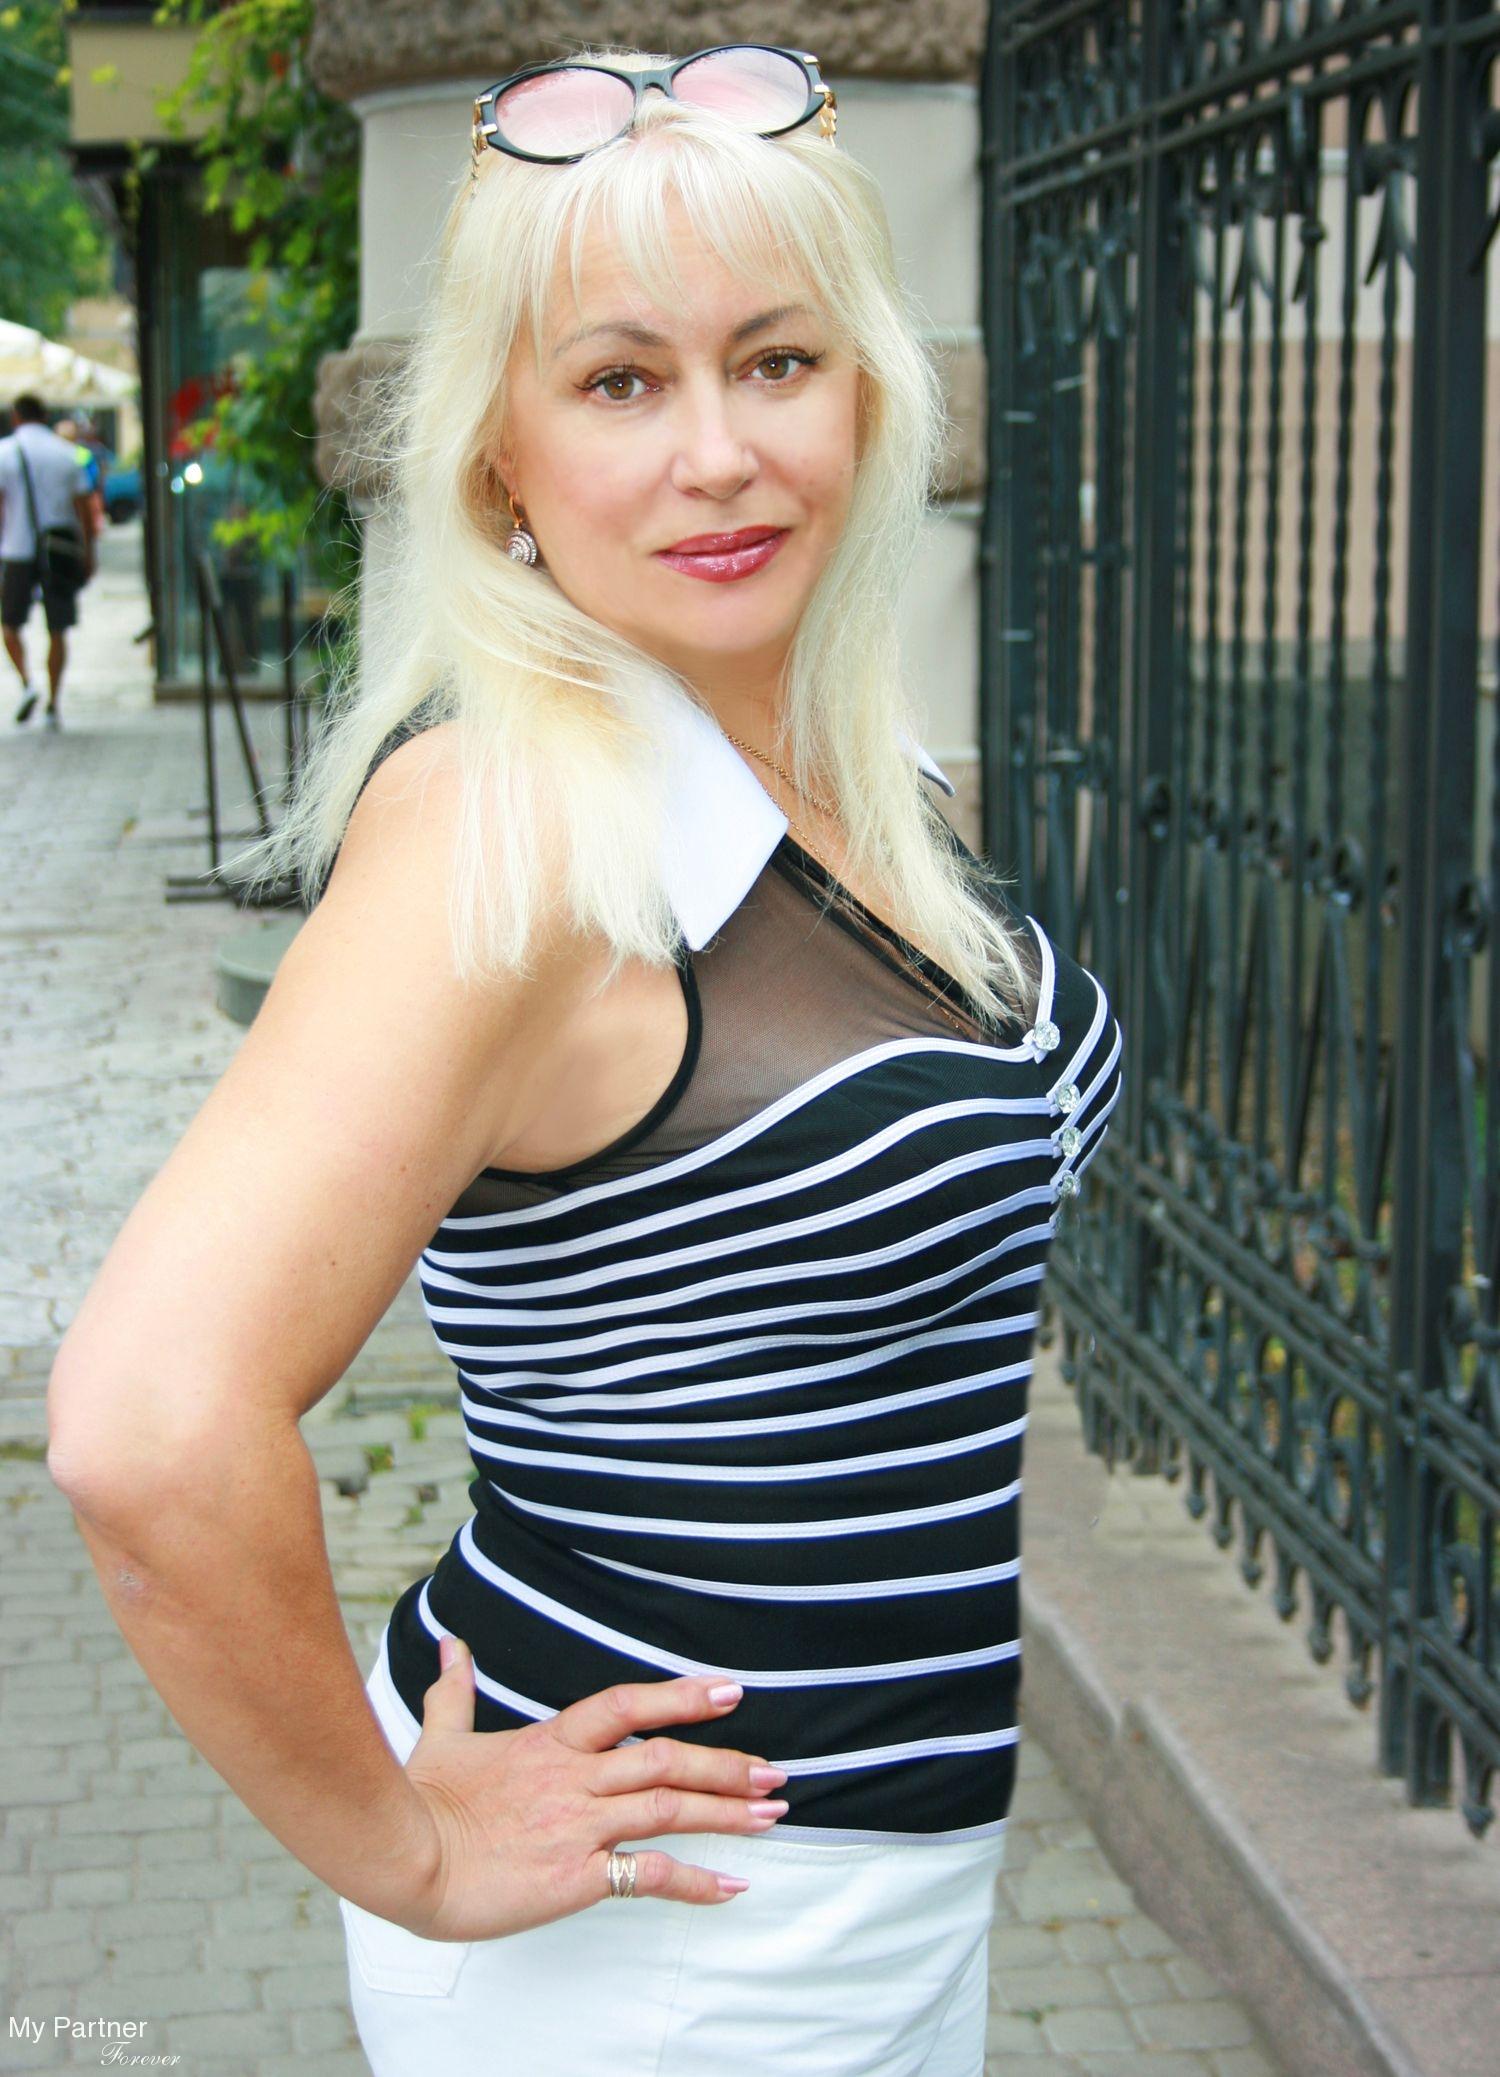 Woman Olga From Odessa Ukraine Full Naked Bodies